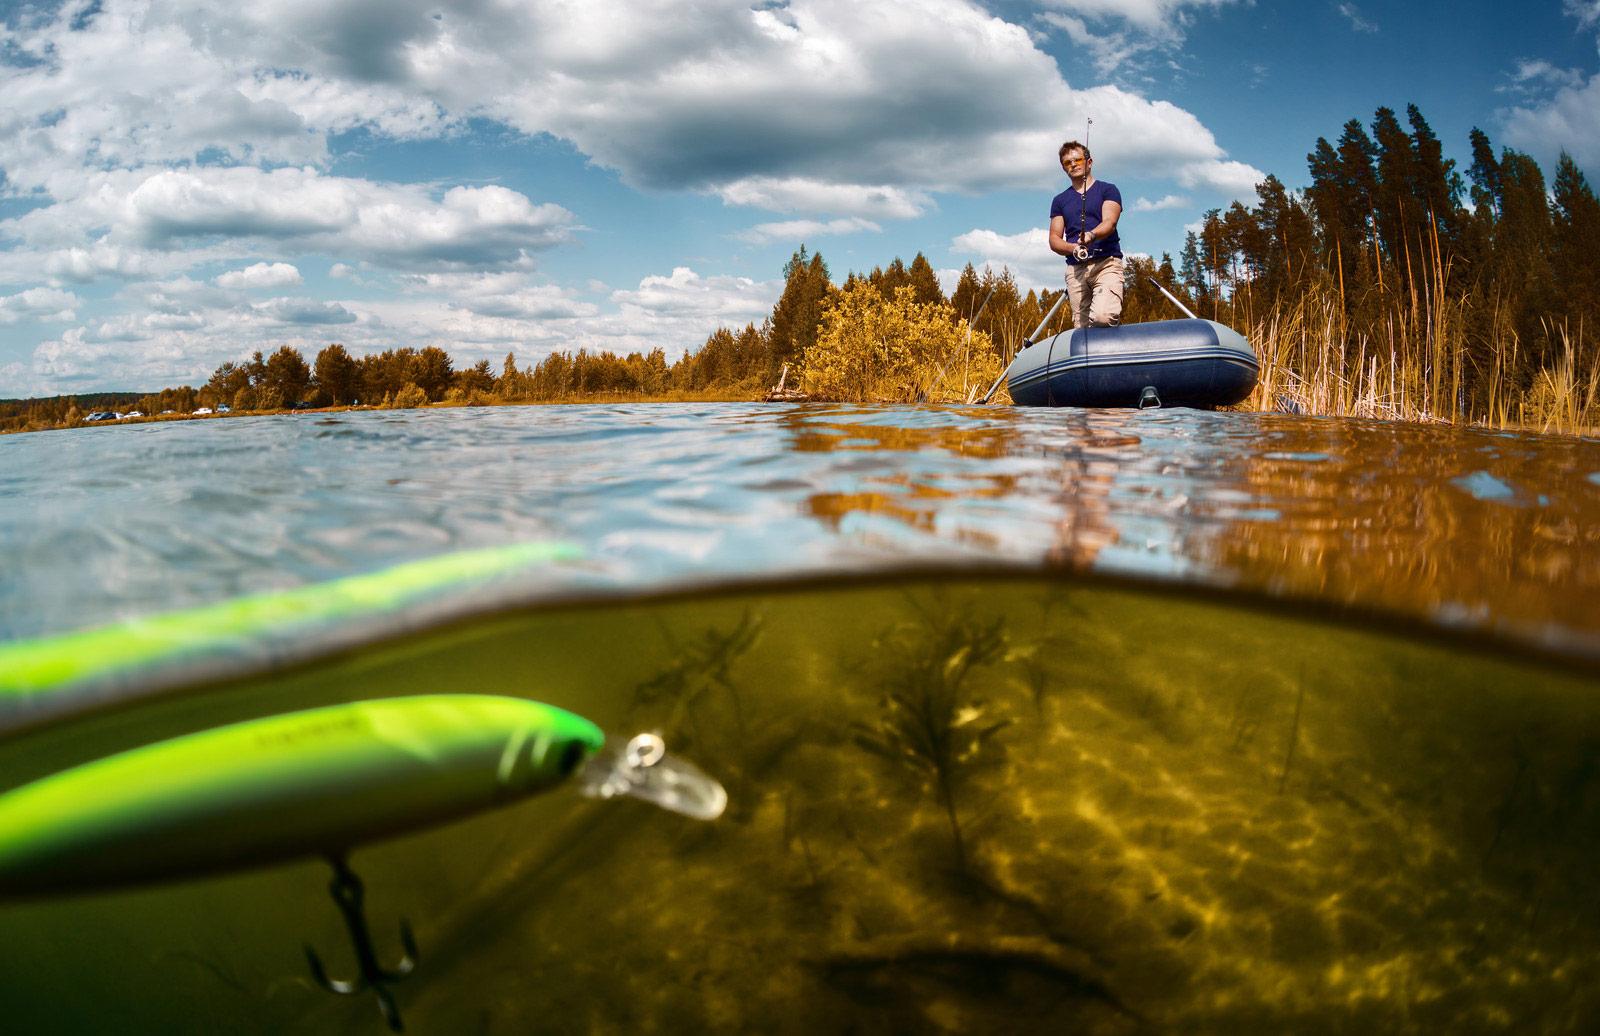 fishing with lures - take me fishing, Fishing Bait